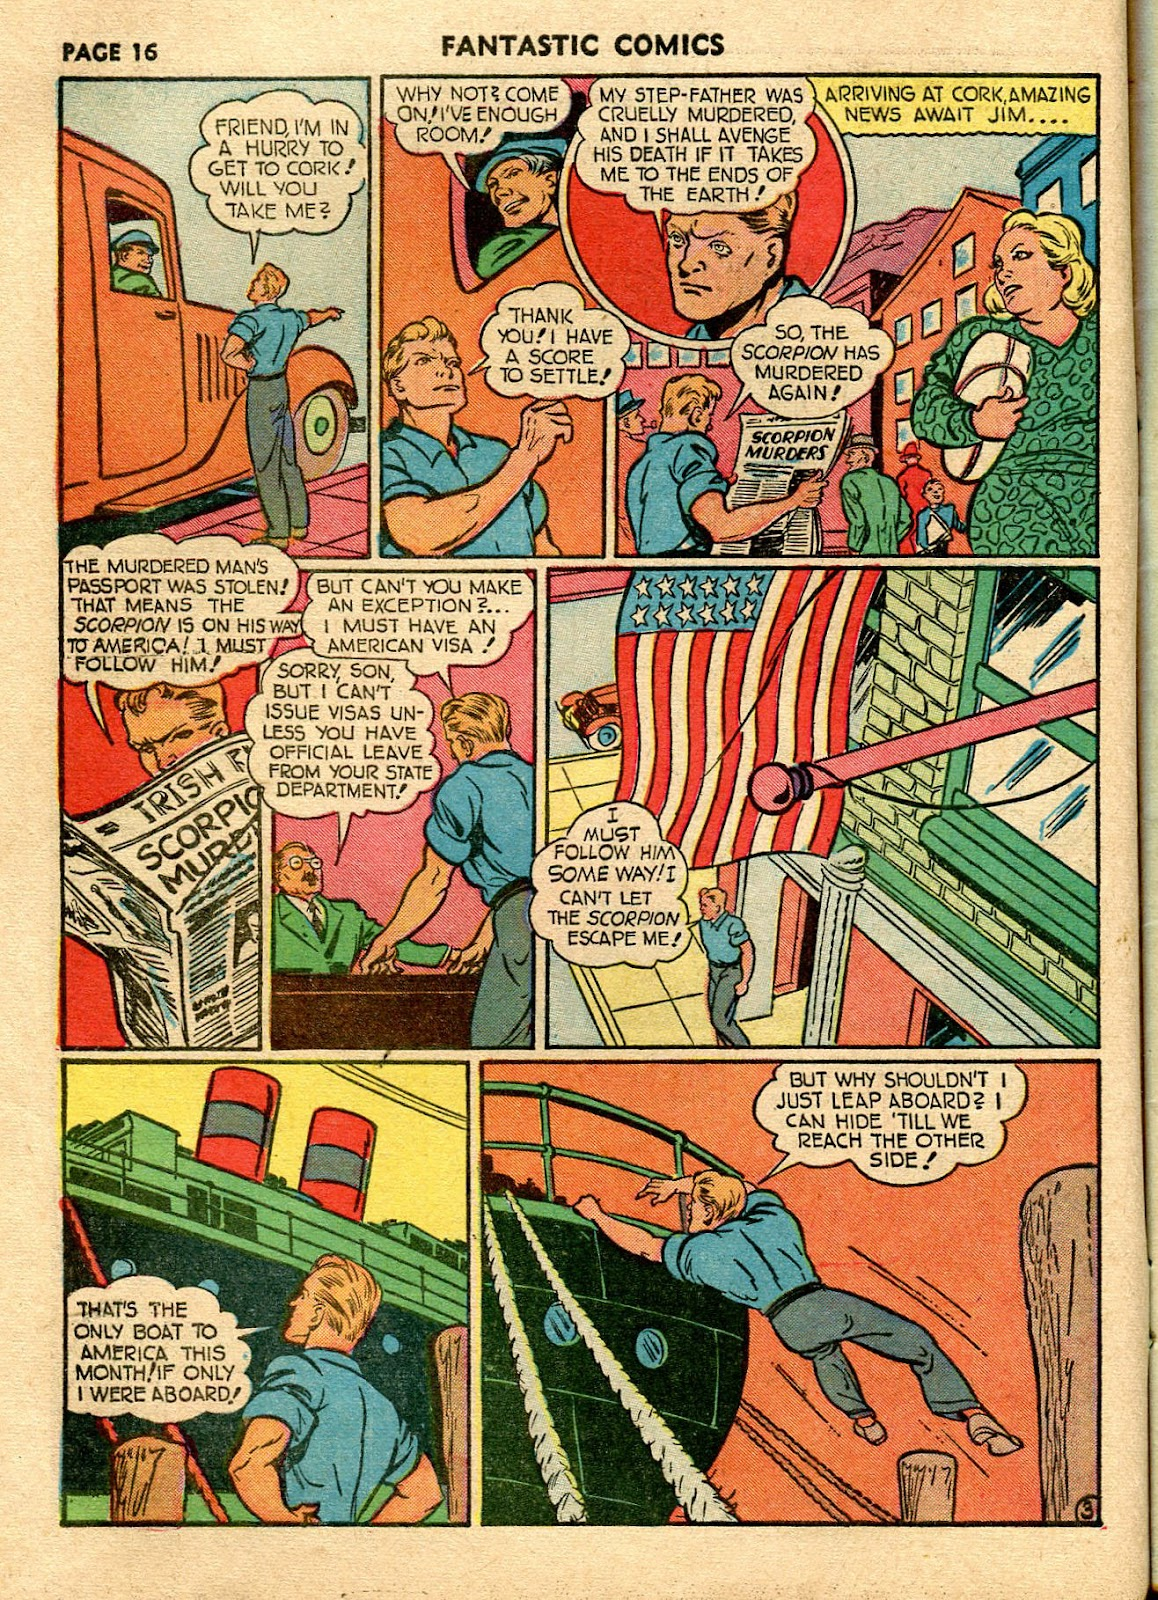 Read online Fantastic Comics comic -  Issue #21 - 18